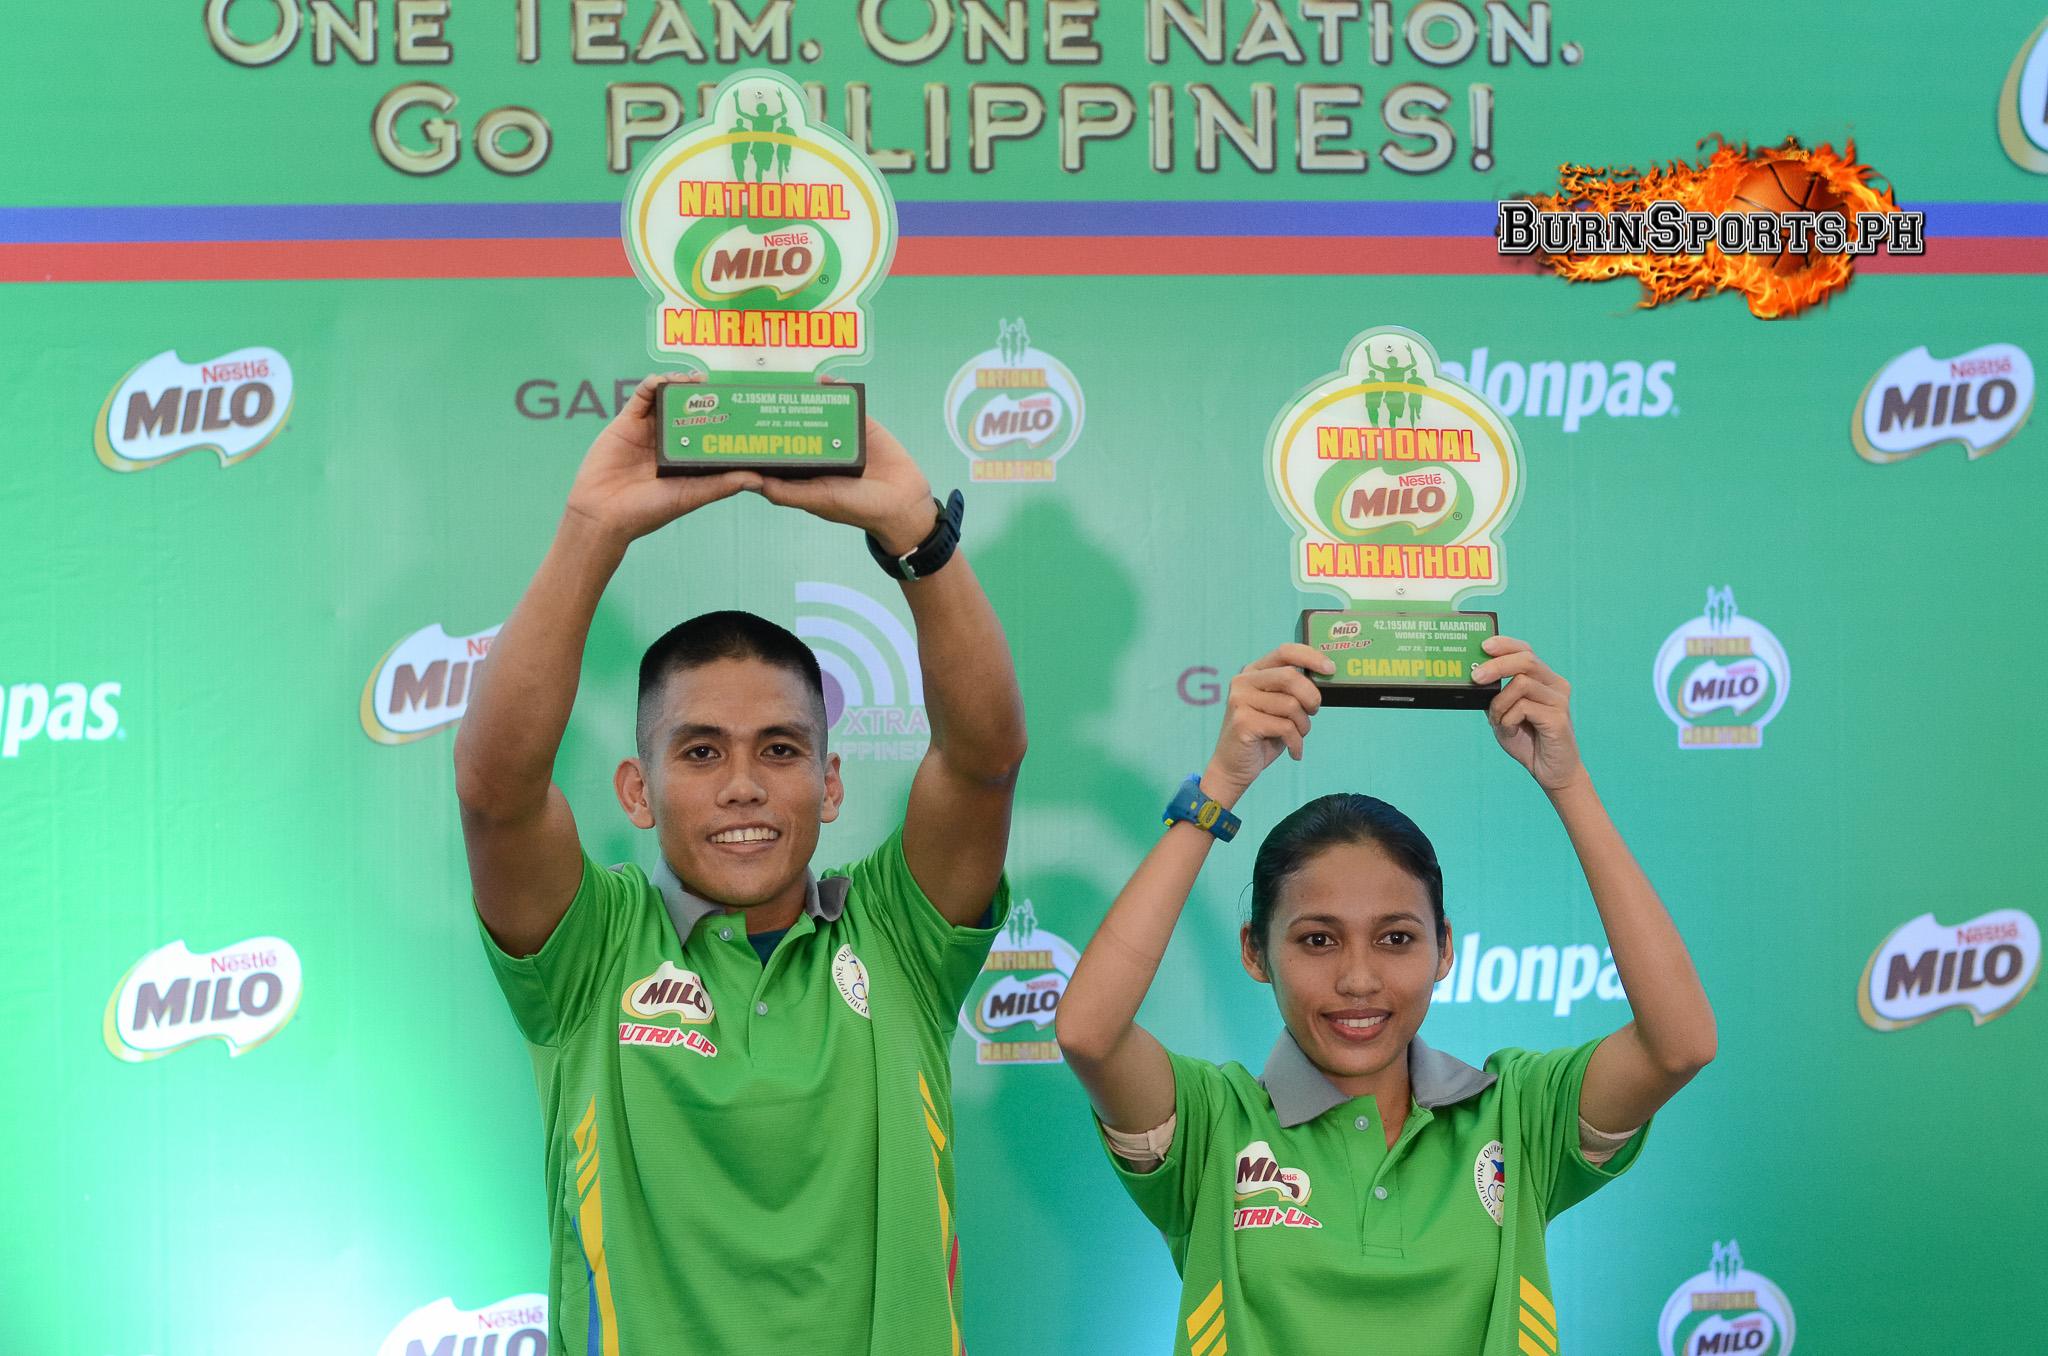 Nerza, Hallasgo reign supreme in Milo Marathon MNL Leg